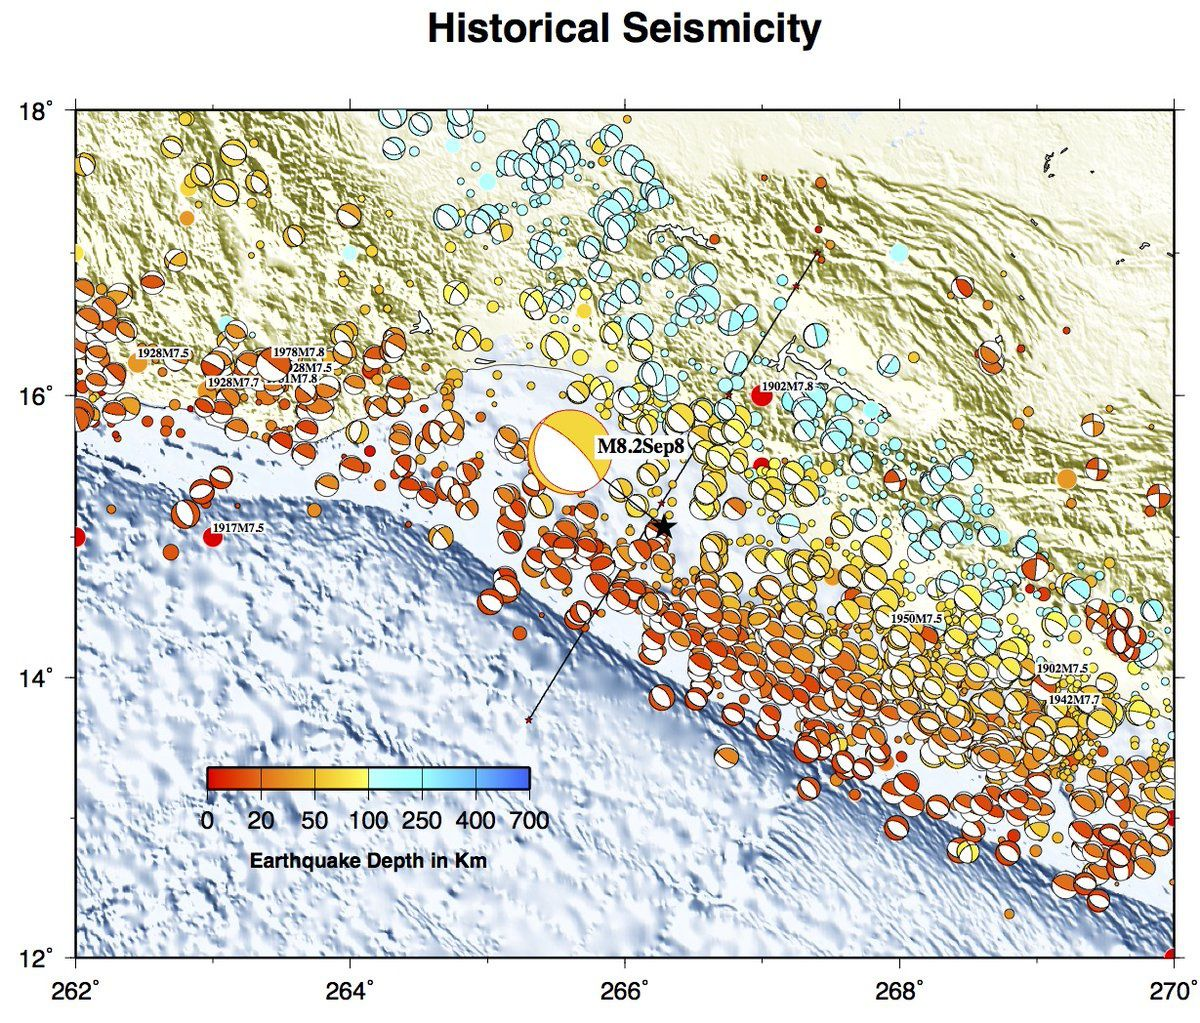 Historique de la sismicité au niveau de la côte sud du Mexique  - Historical seismicity in the Mexico's southern coast.  (Figure modified from USGS by  Jascha Polet) / CSEM.